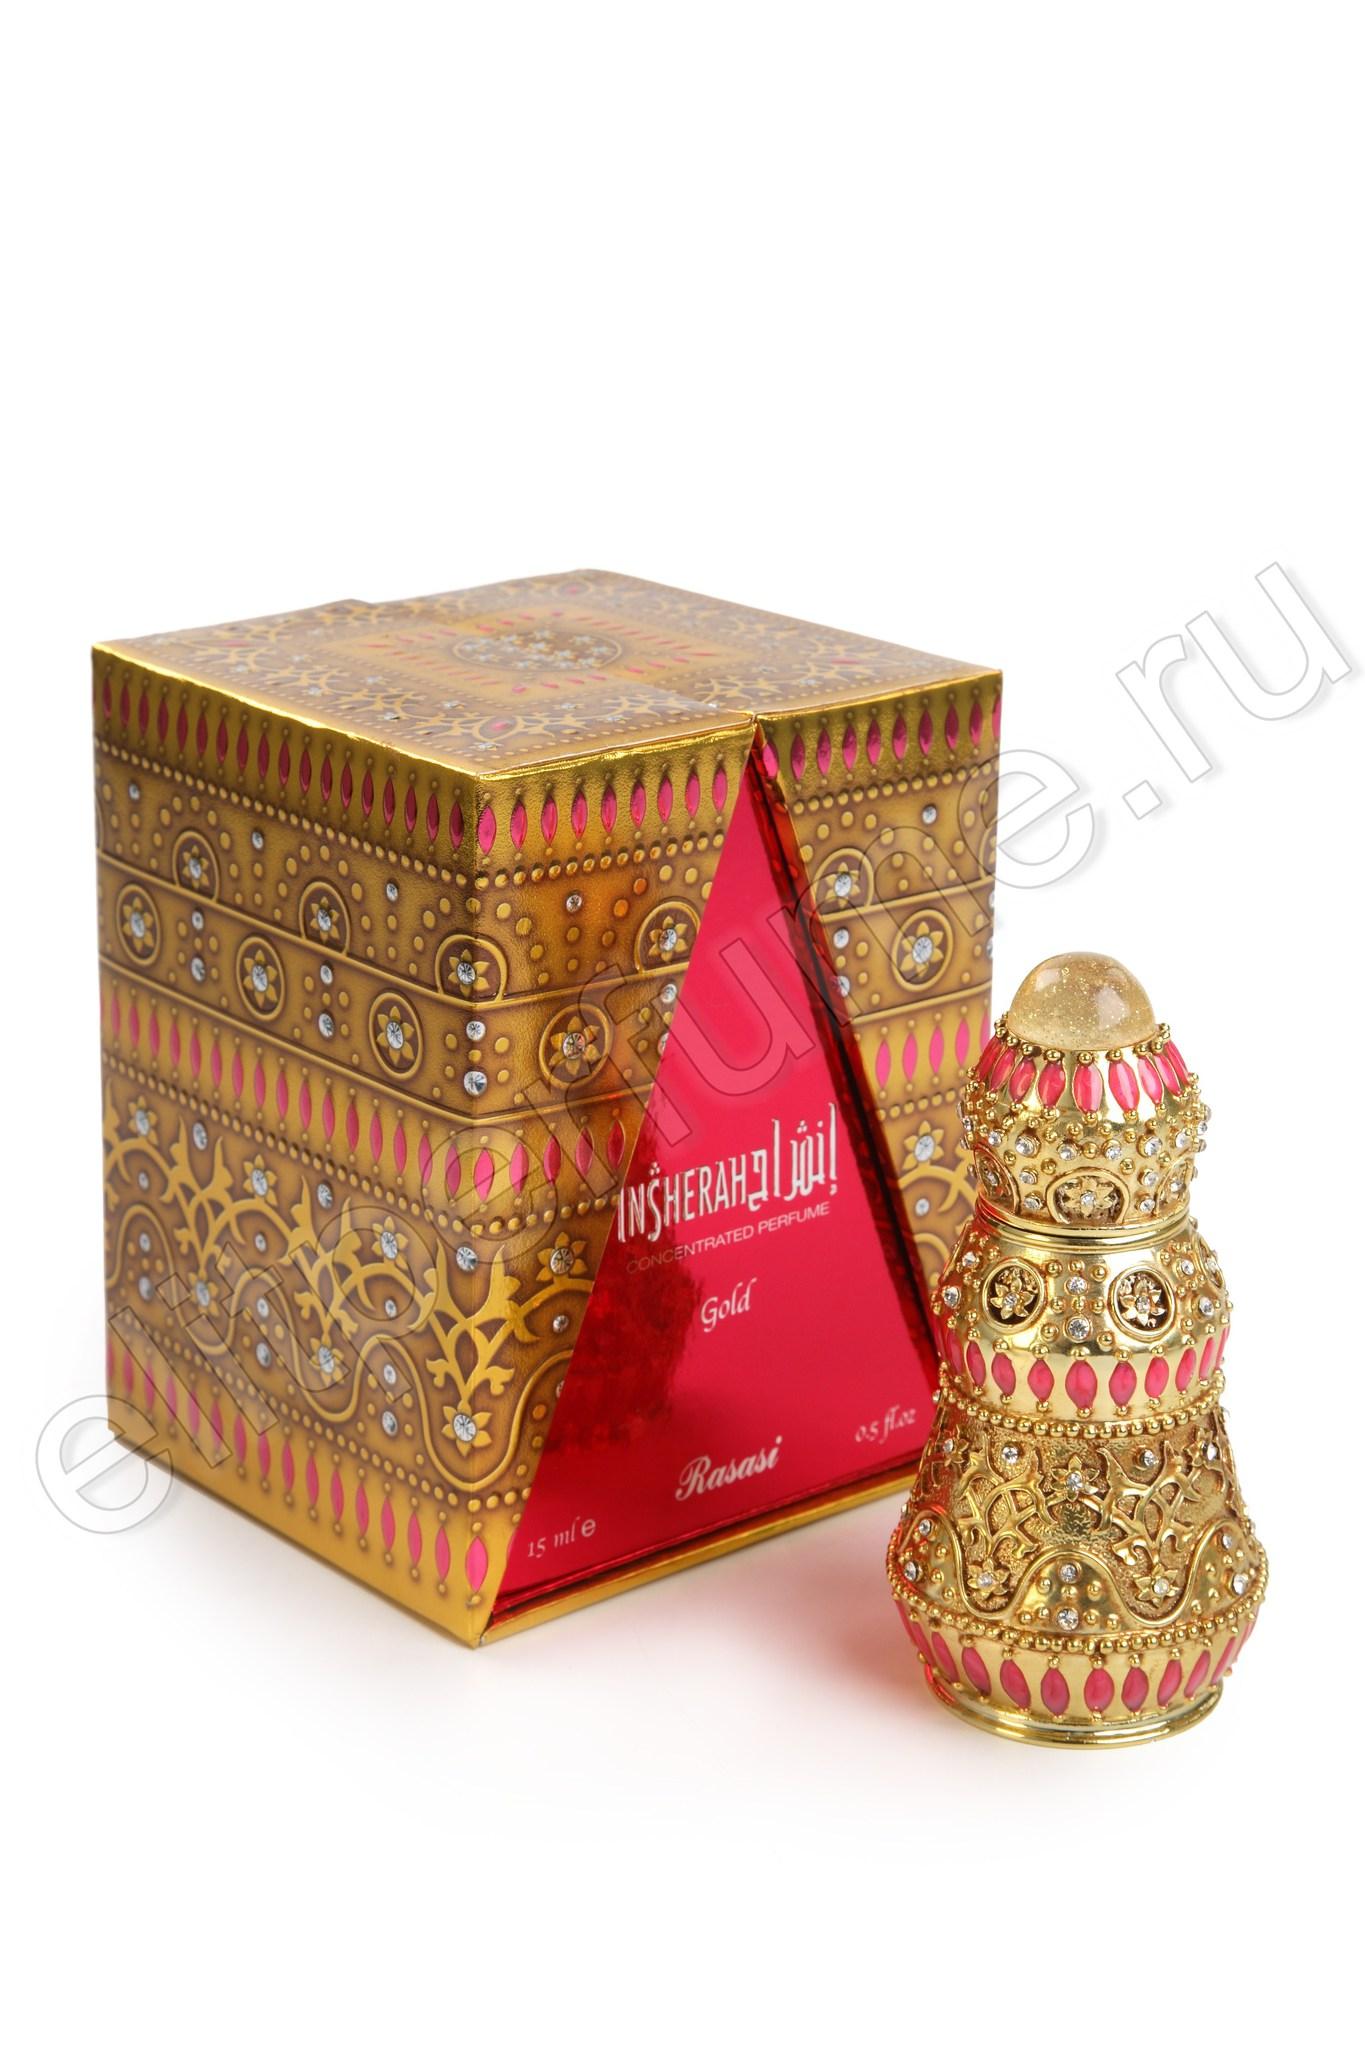 Арабские духи Иншера Insherah Gold